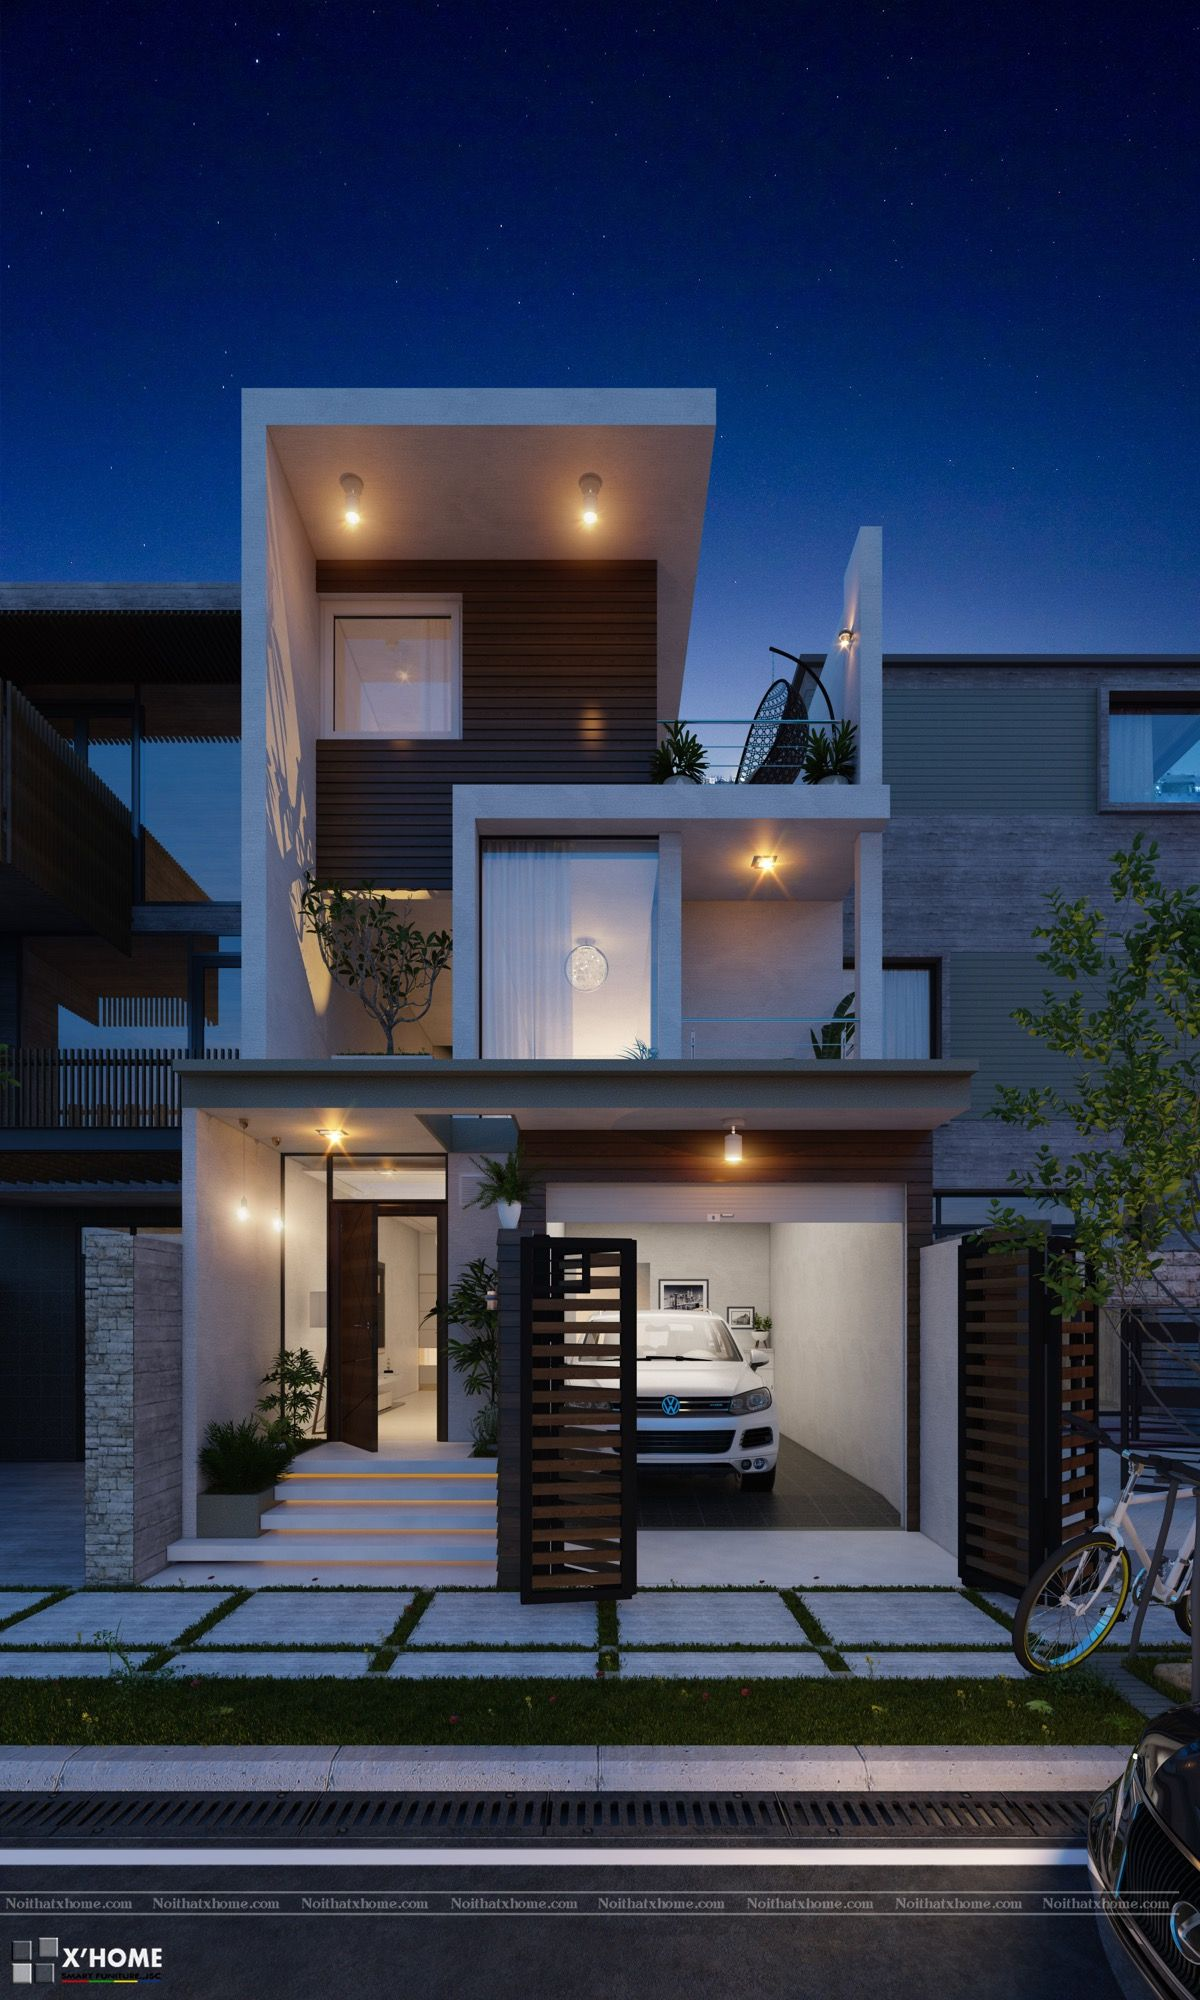 Pin Oleh Nguyen Tuyen Di Home Design Rumah Minimalis Desain Rumah Rumah